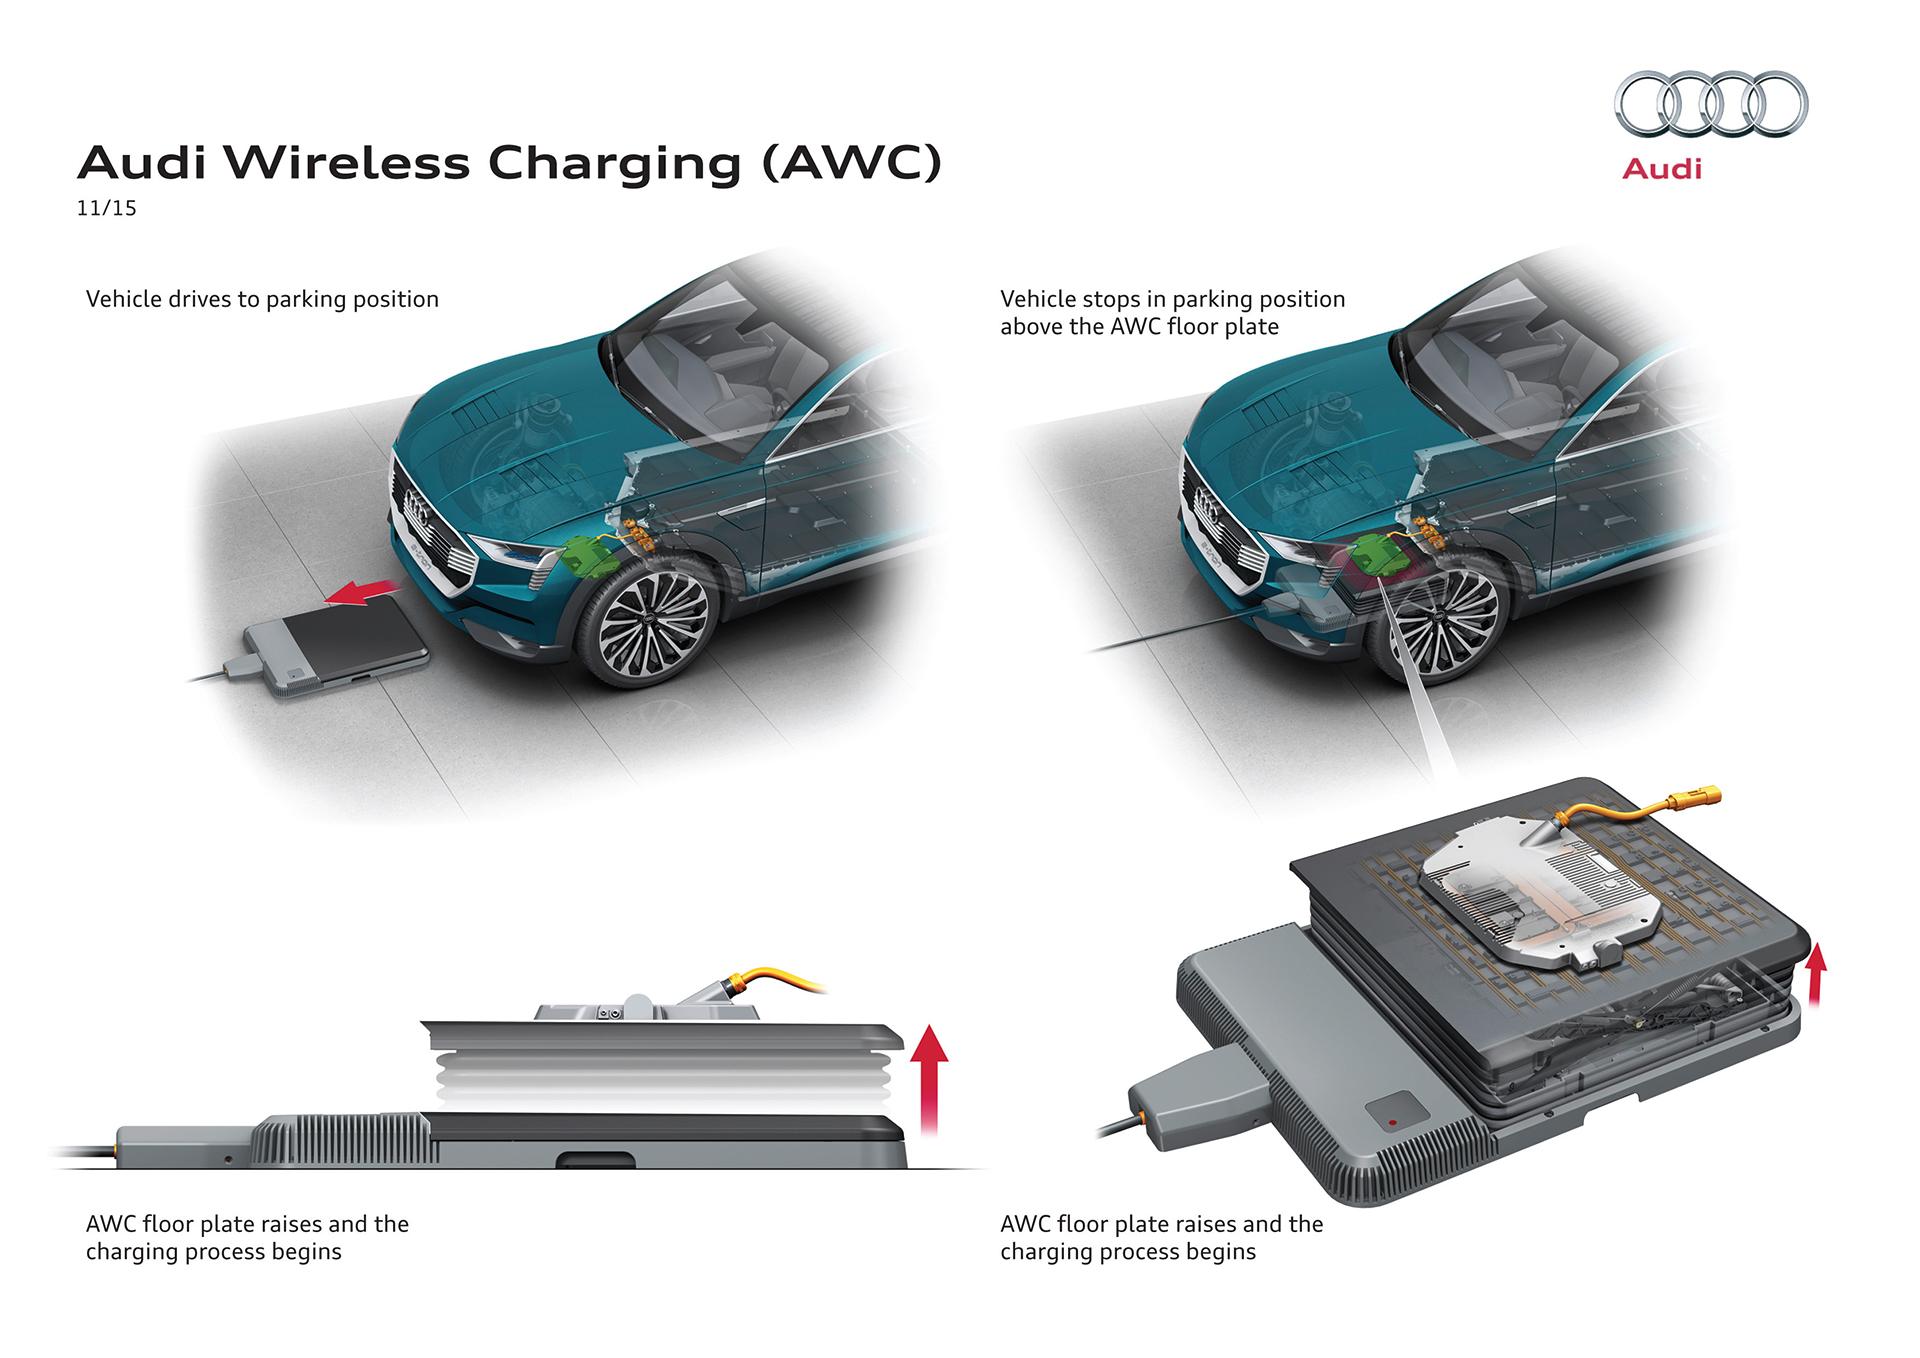 Audi e-tron quattro concept - 2016 - Audi Wireless Charging